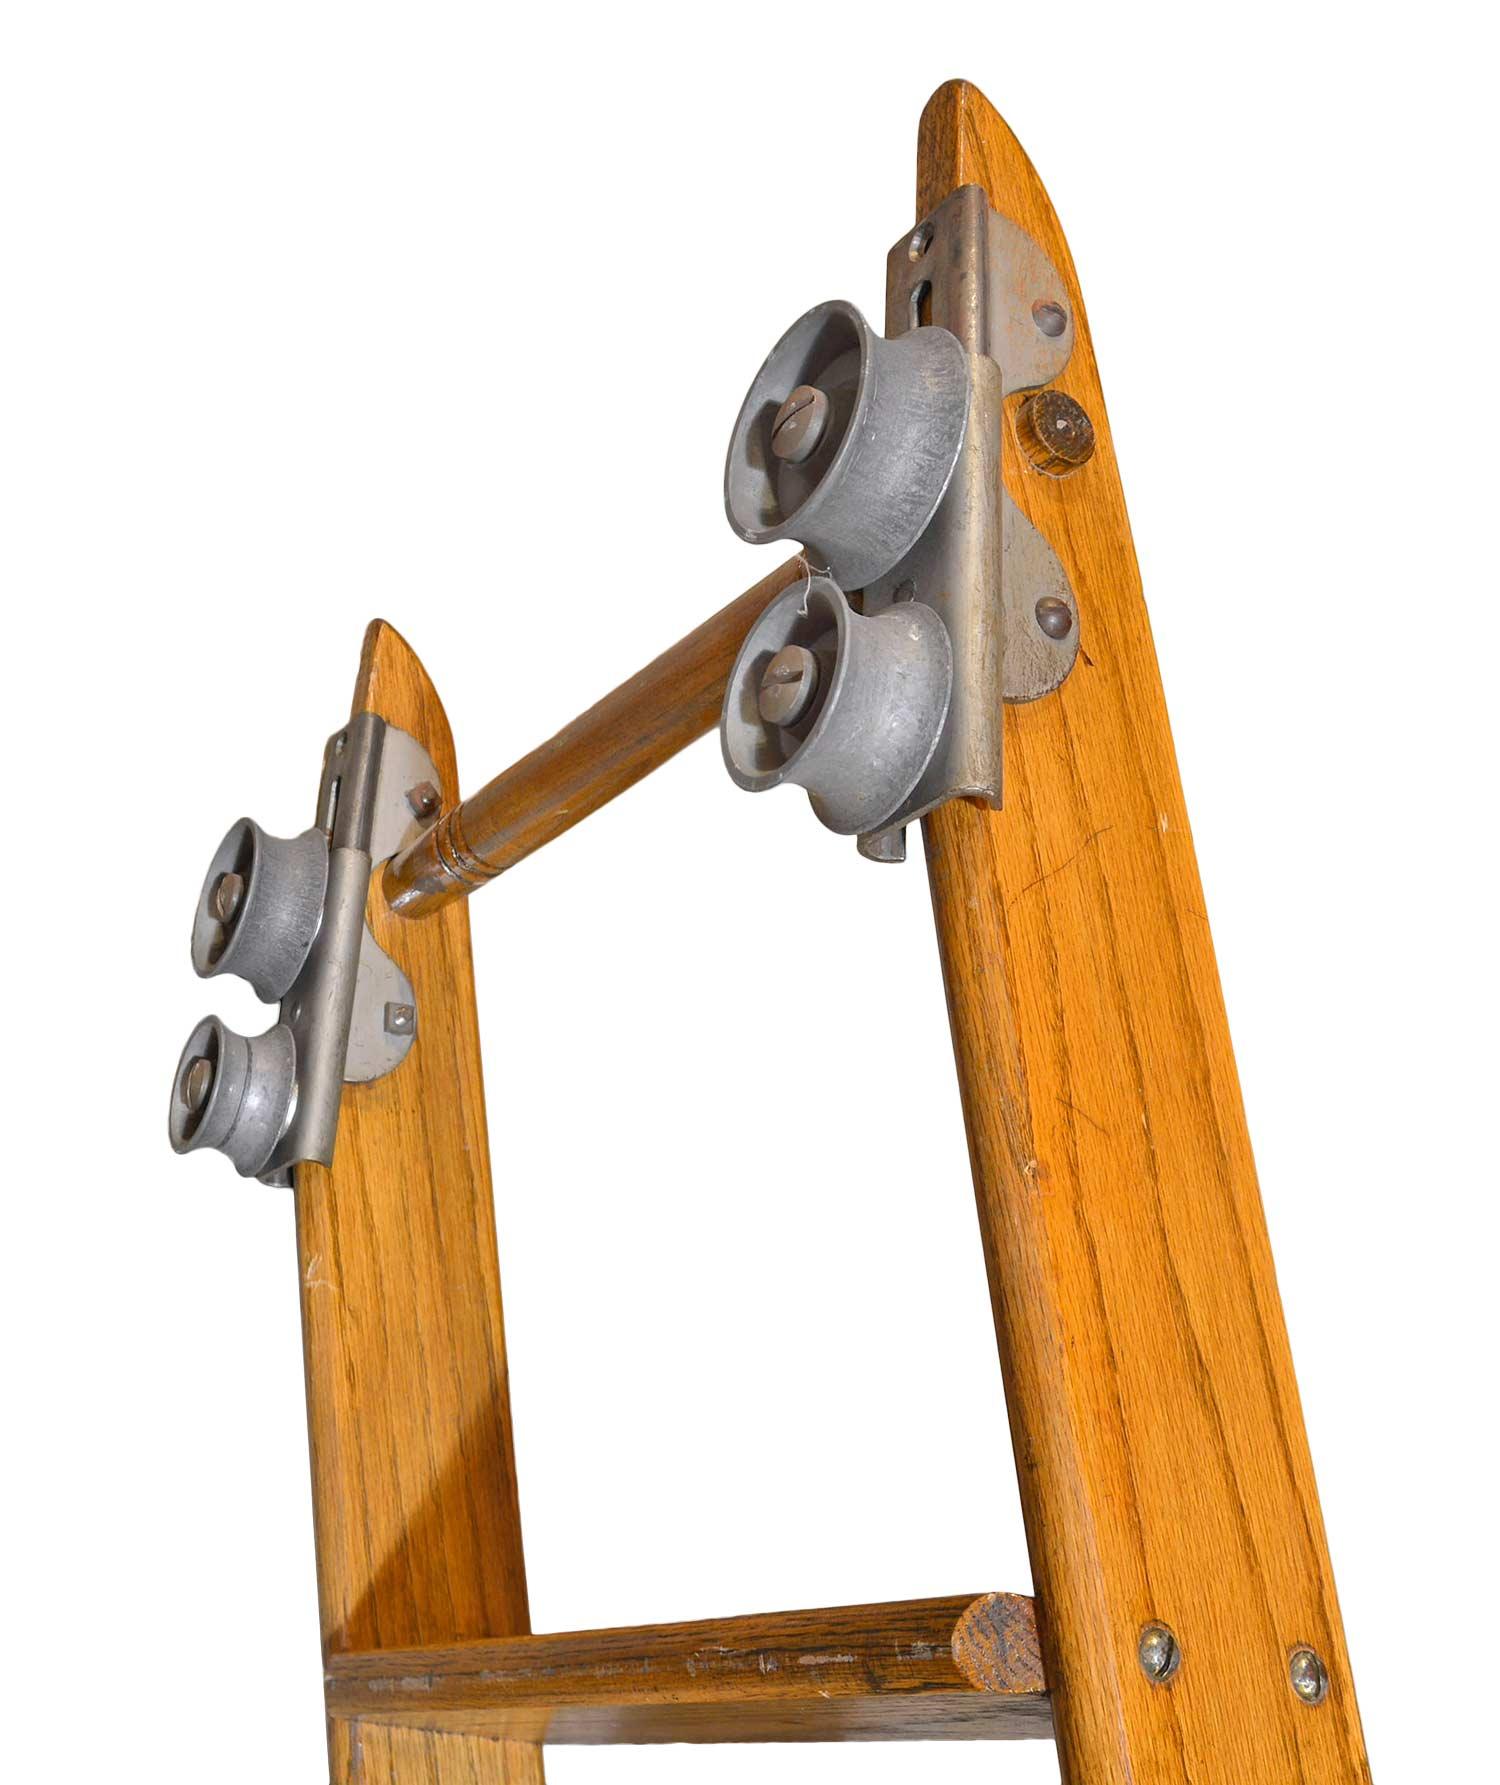 46049-putnam-rolling-ladder-hardware.jpg